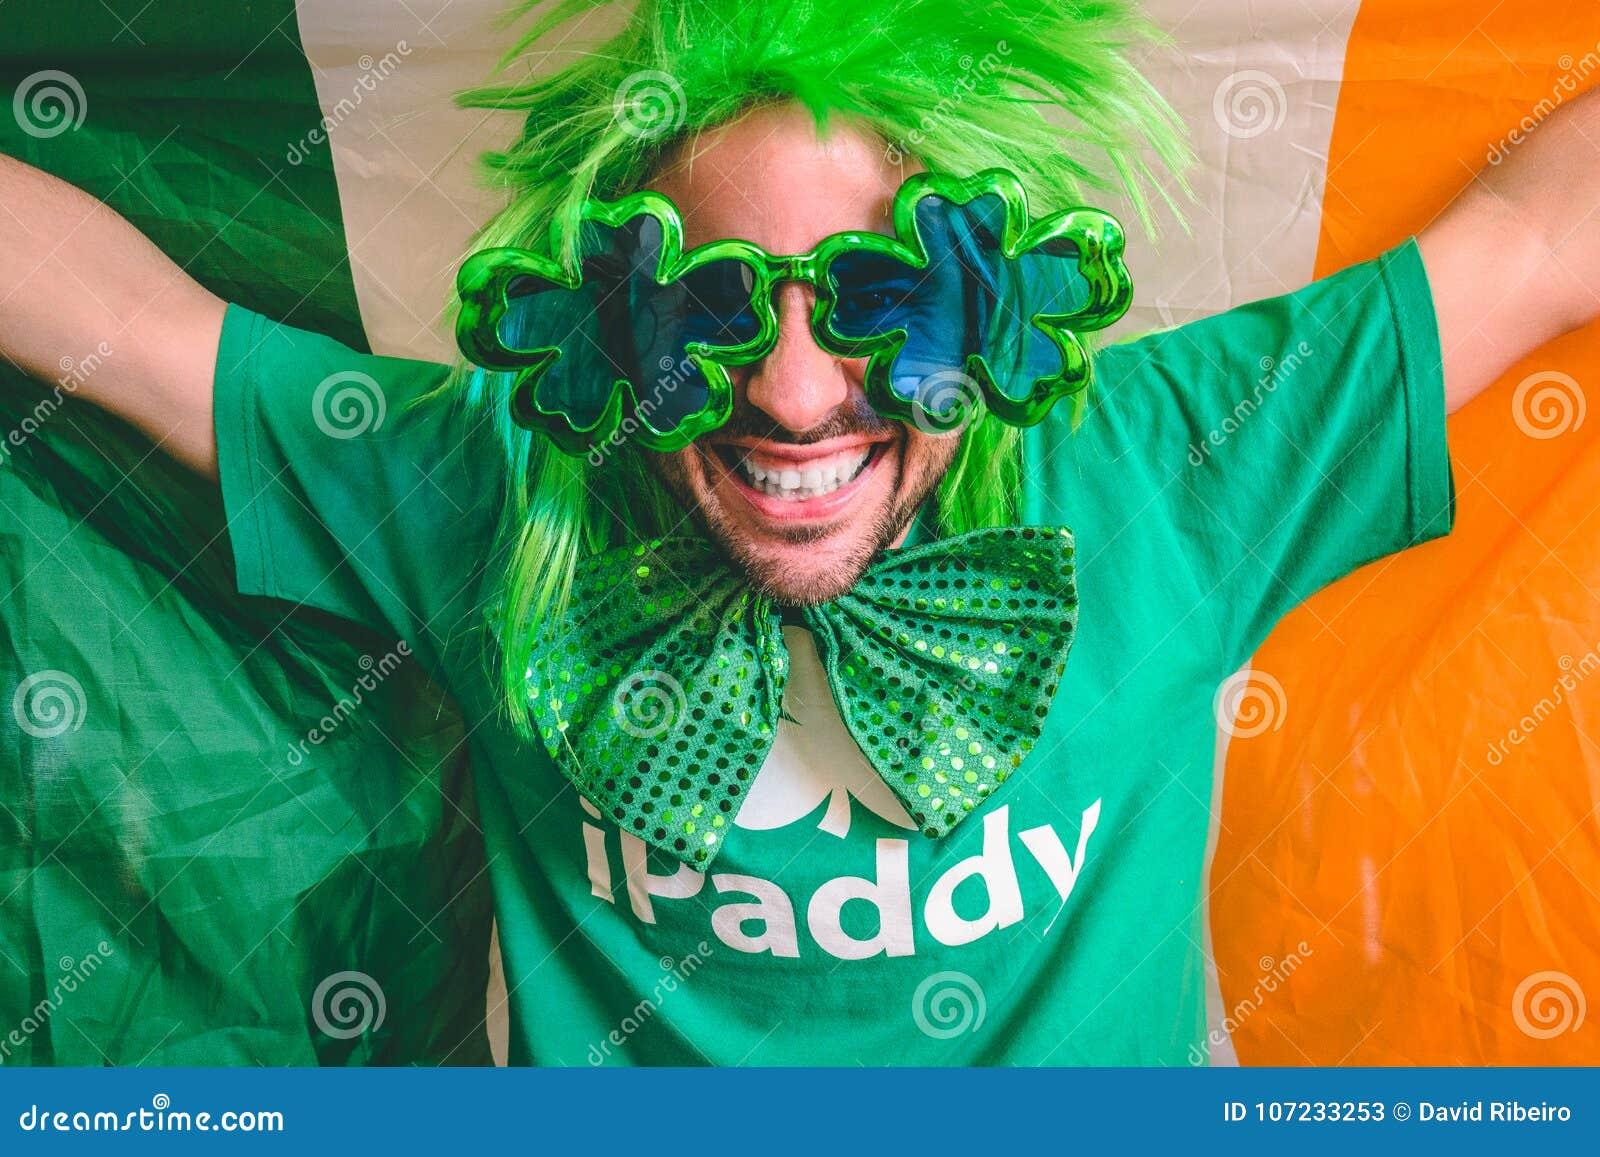 Porträt eines Mannes, der die irische Flagge hält